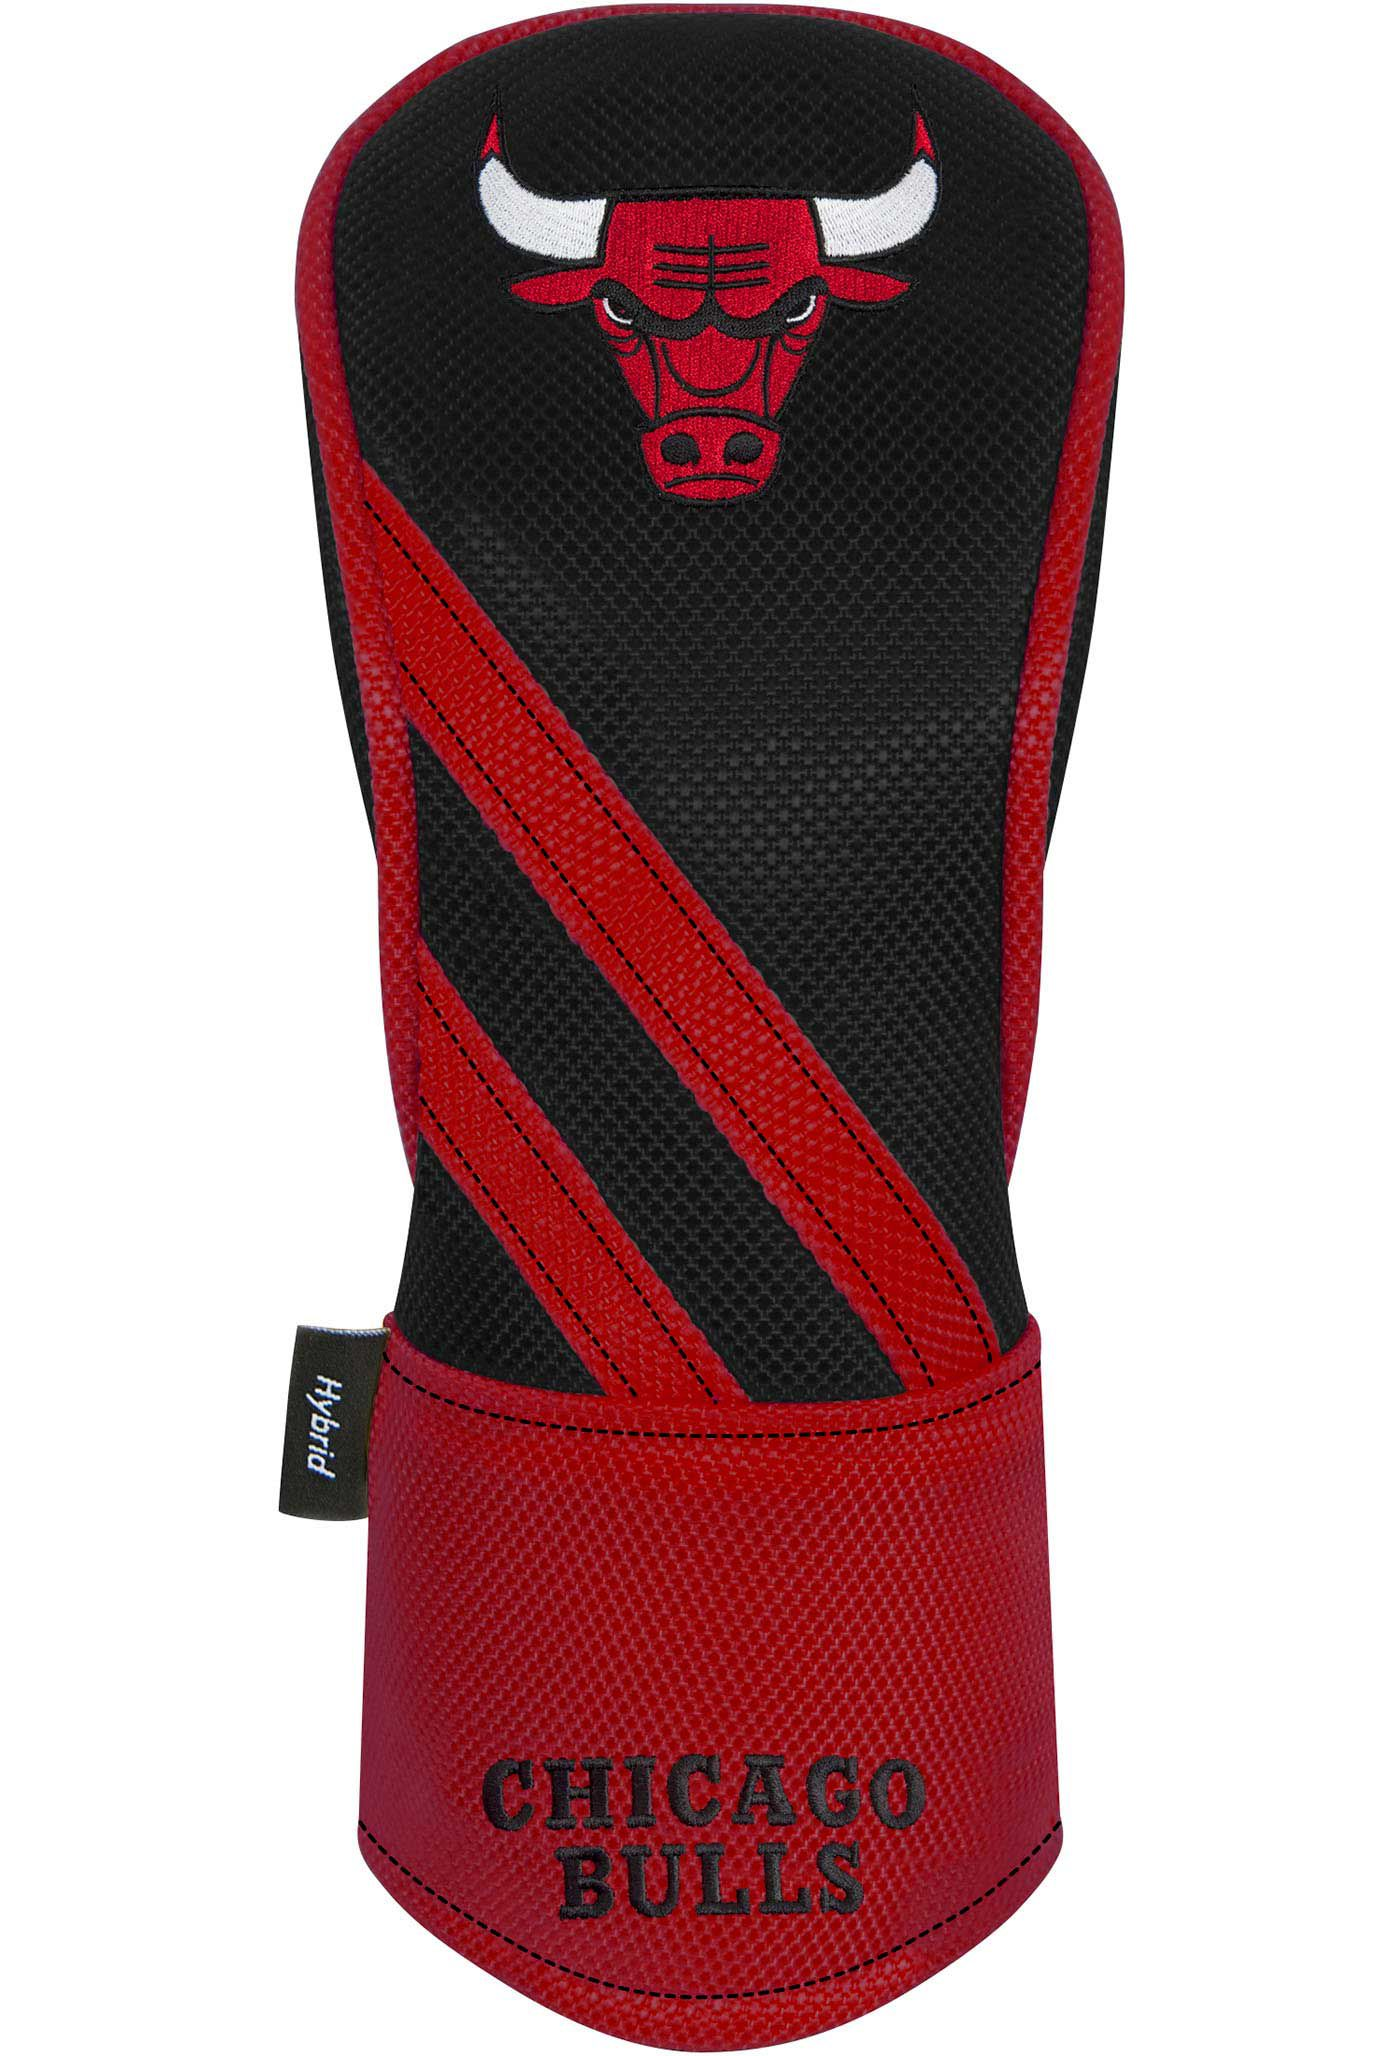 Team Effort Chicago Bulls Hybrid Headcover